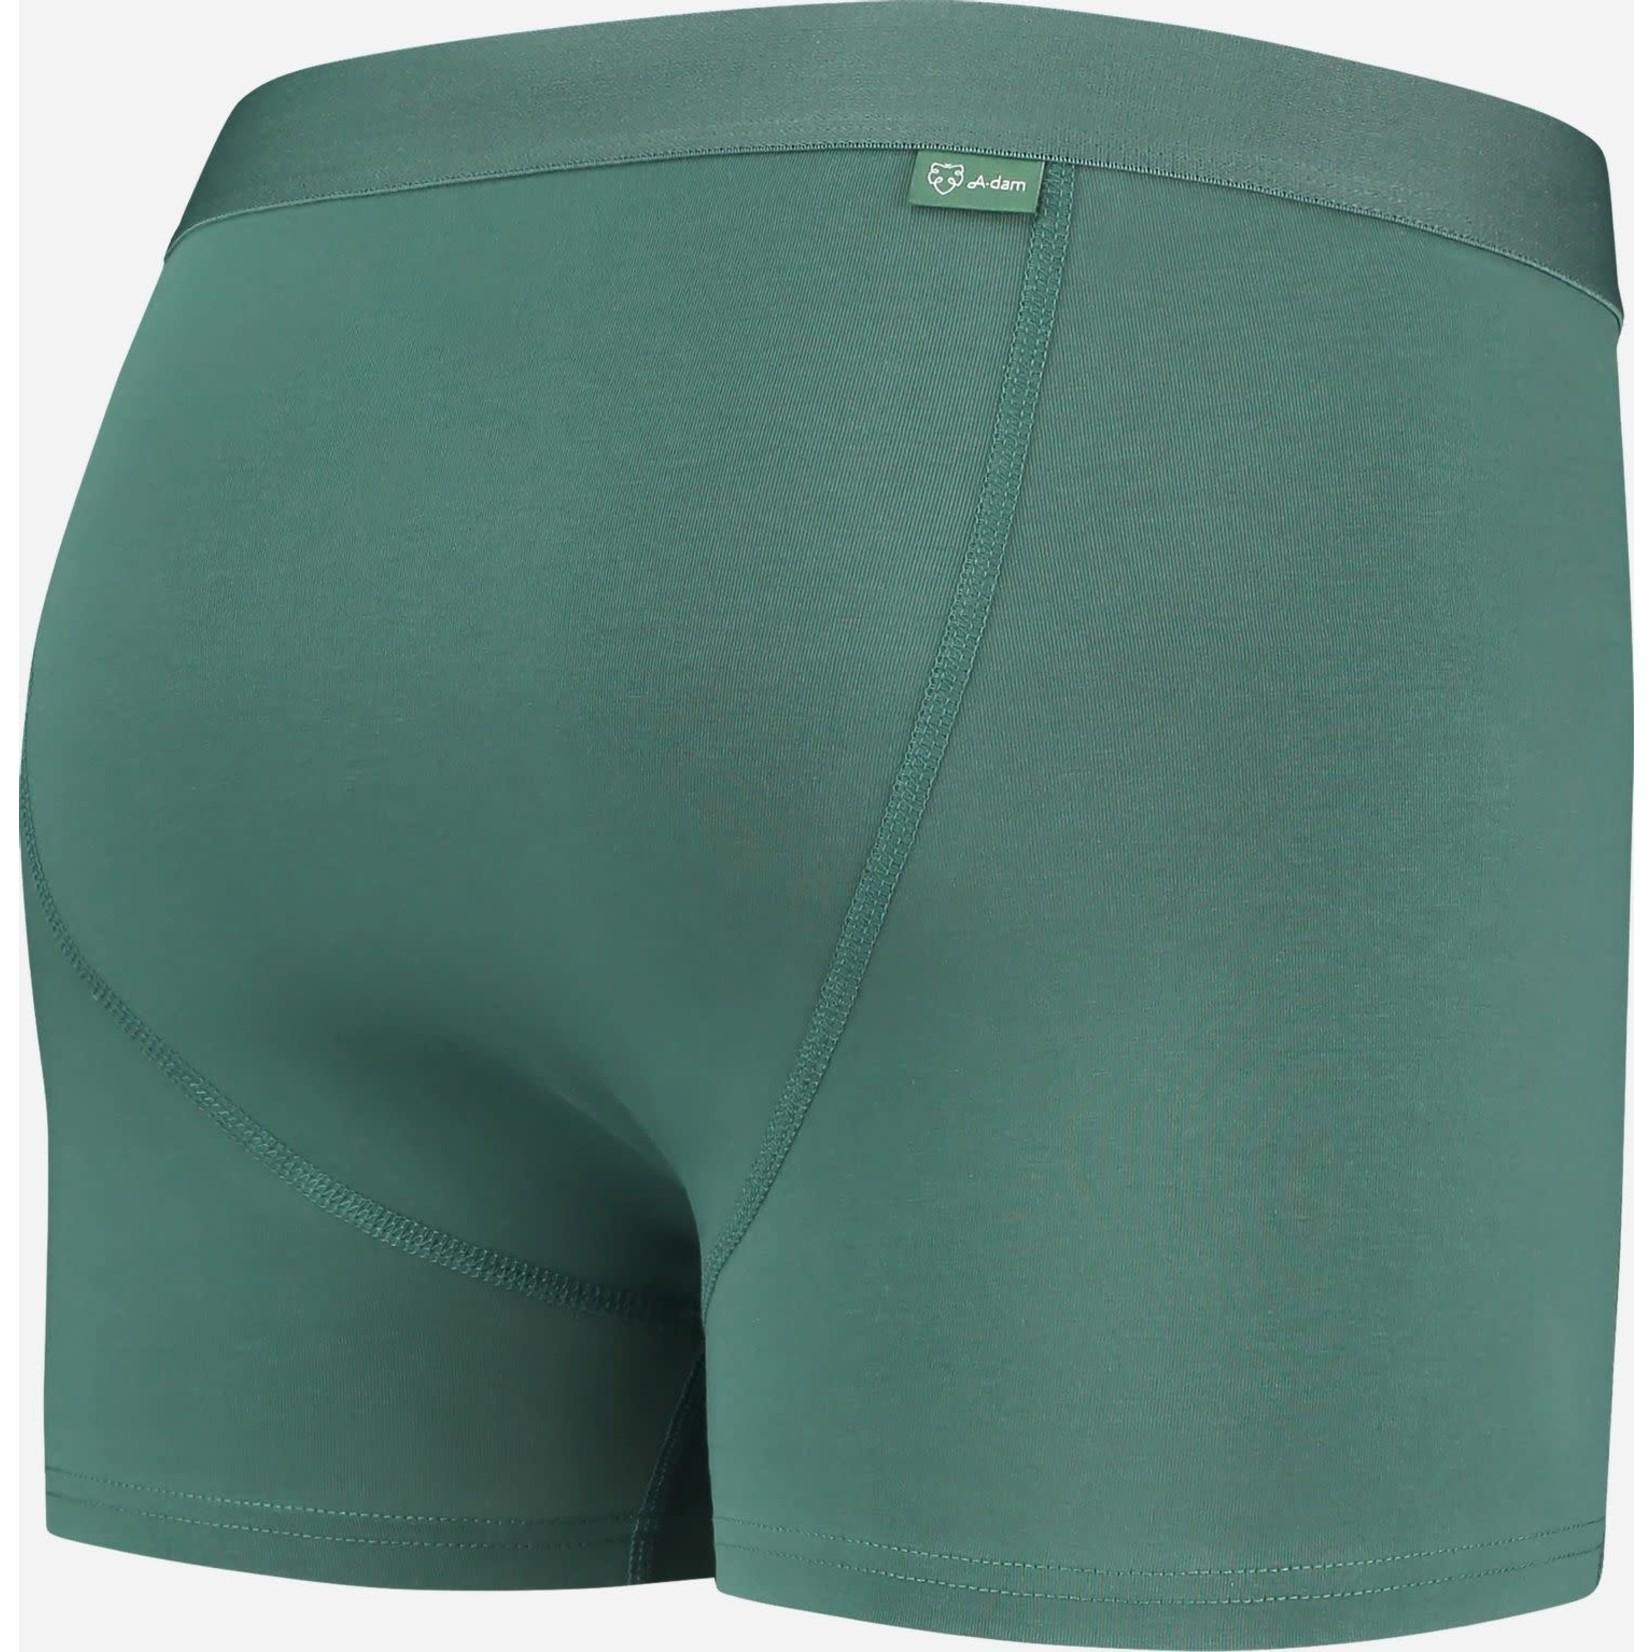 A-dam Underwear boxer Bauke